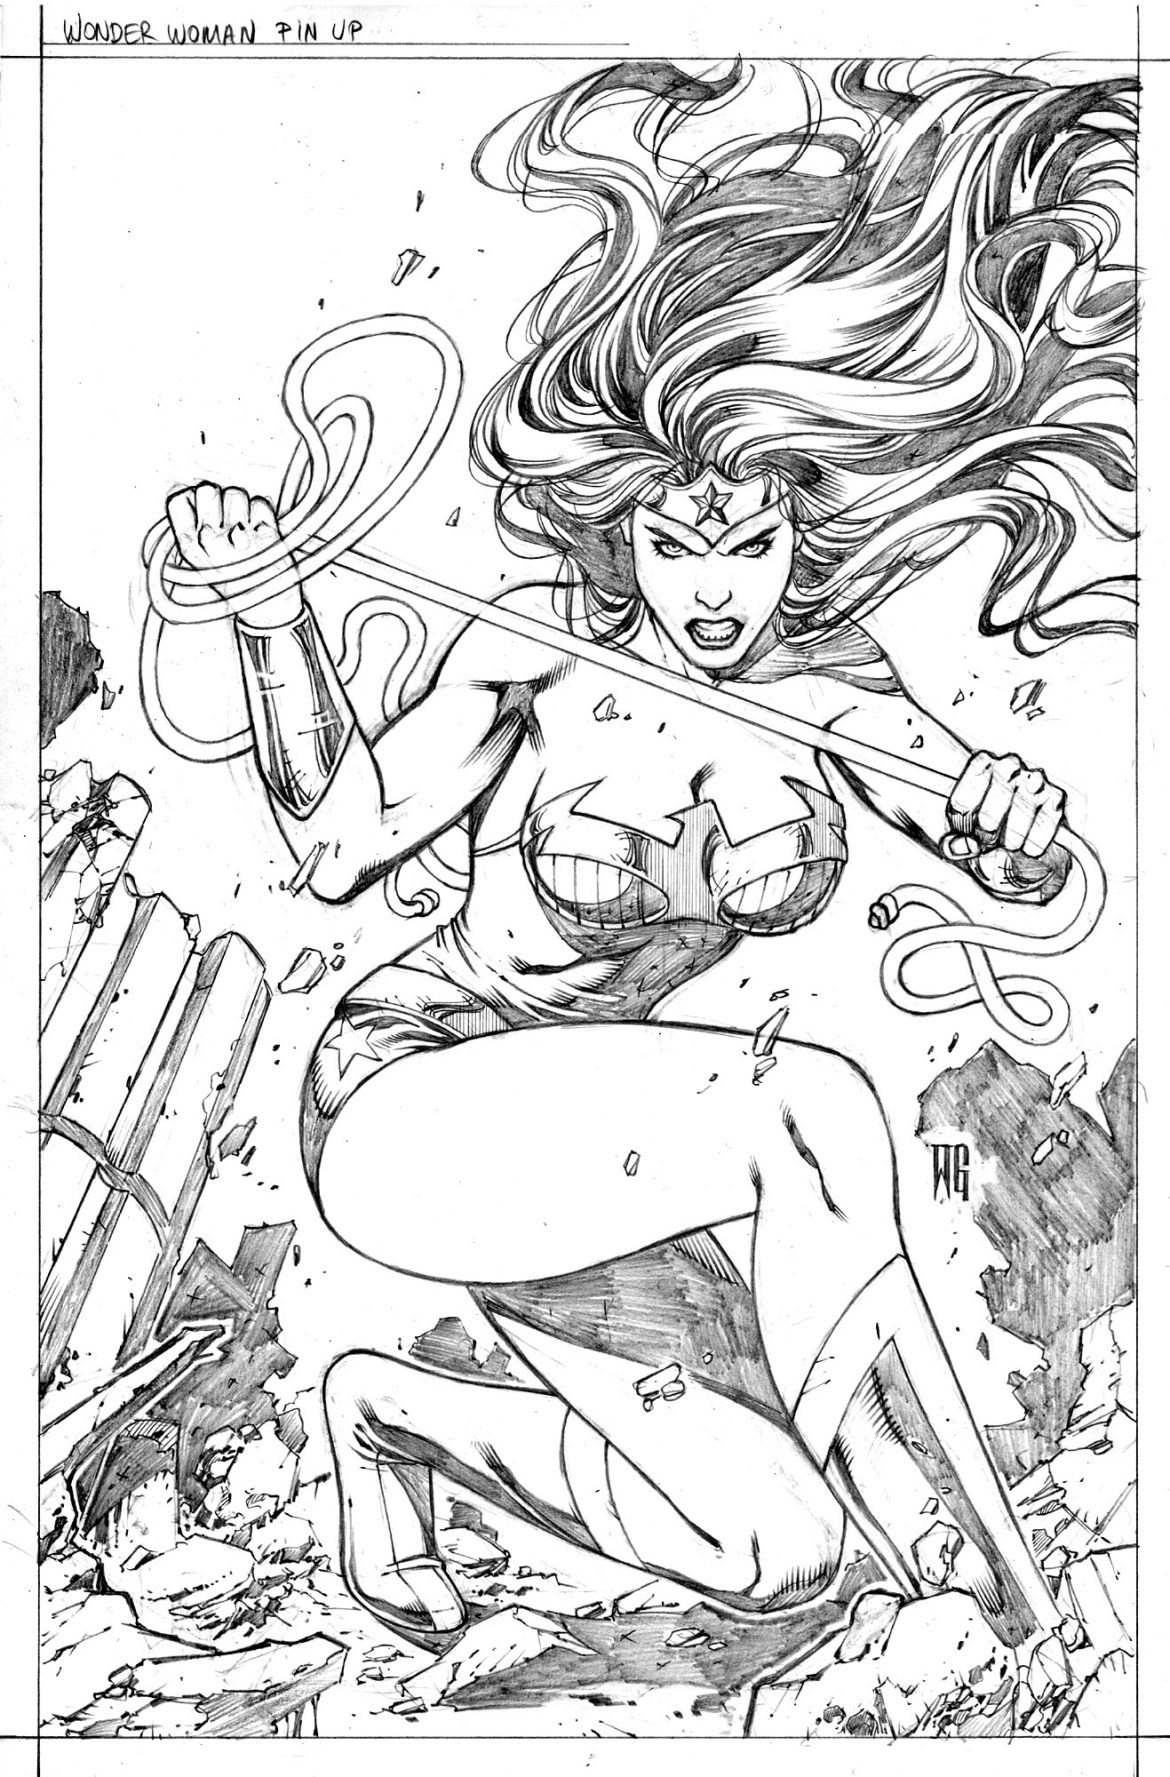 Wonder Woman DC Entertainment coloring sheets par Walter Geovani